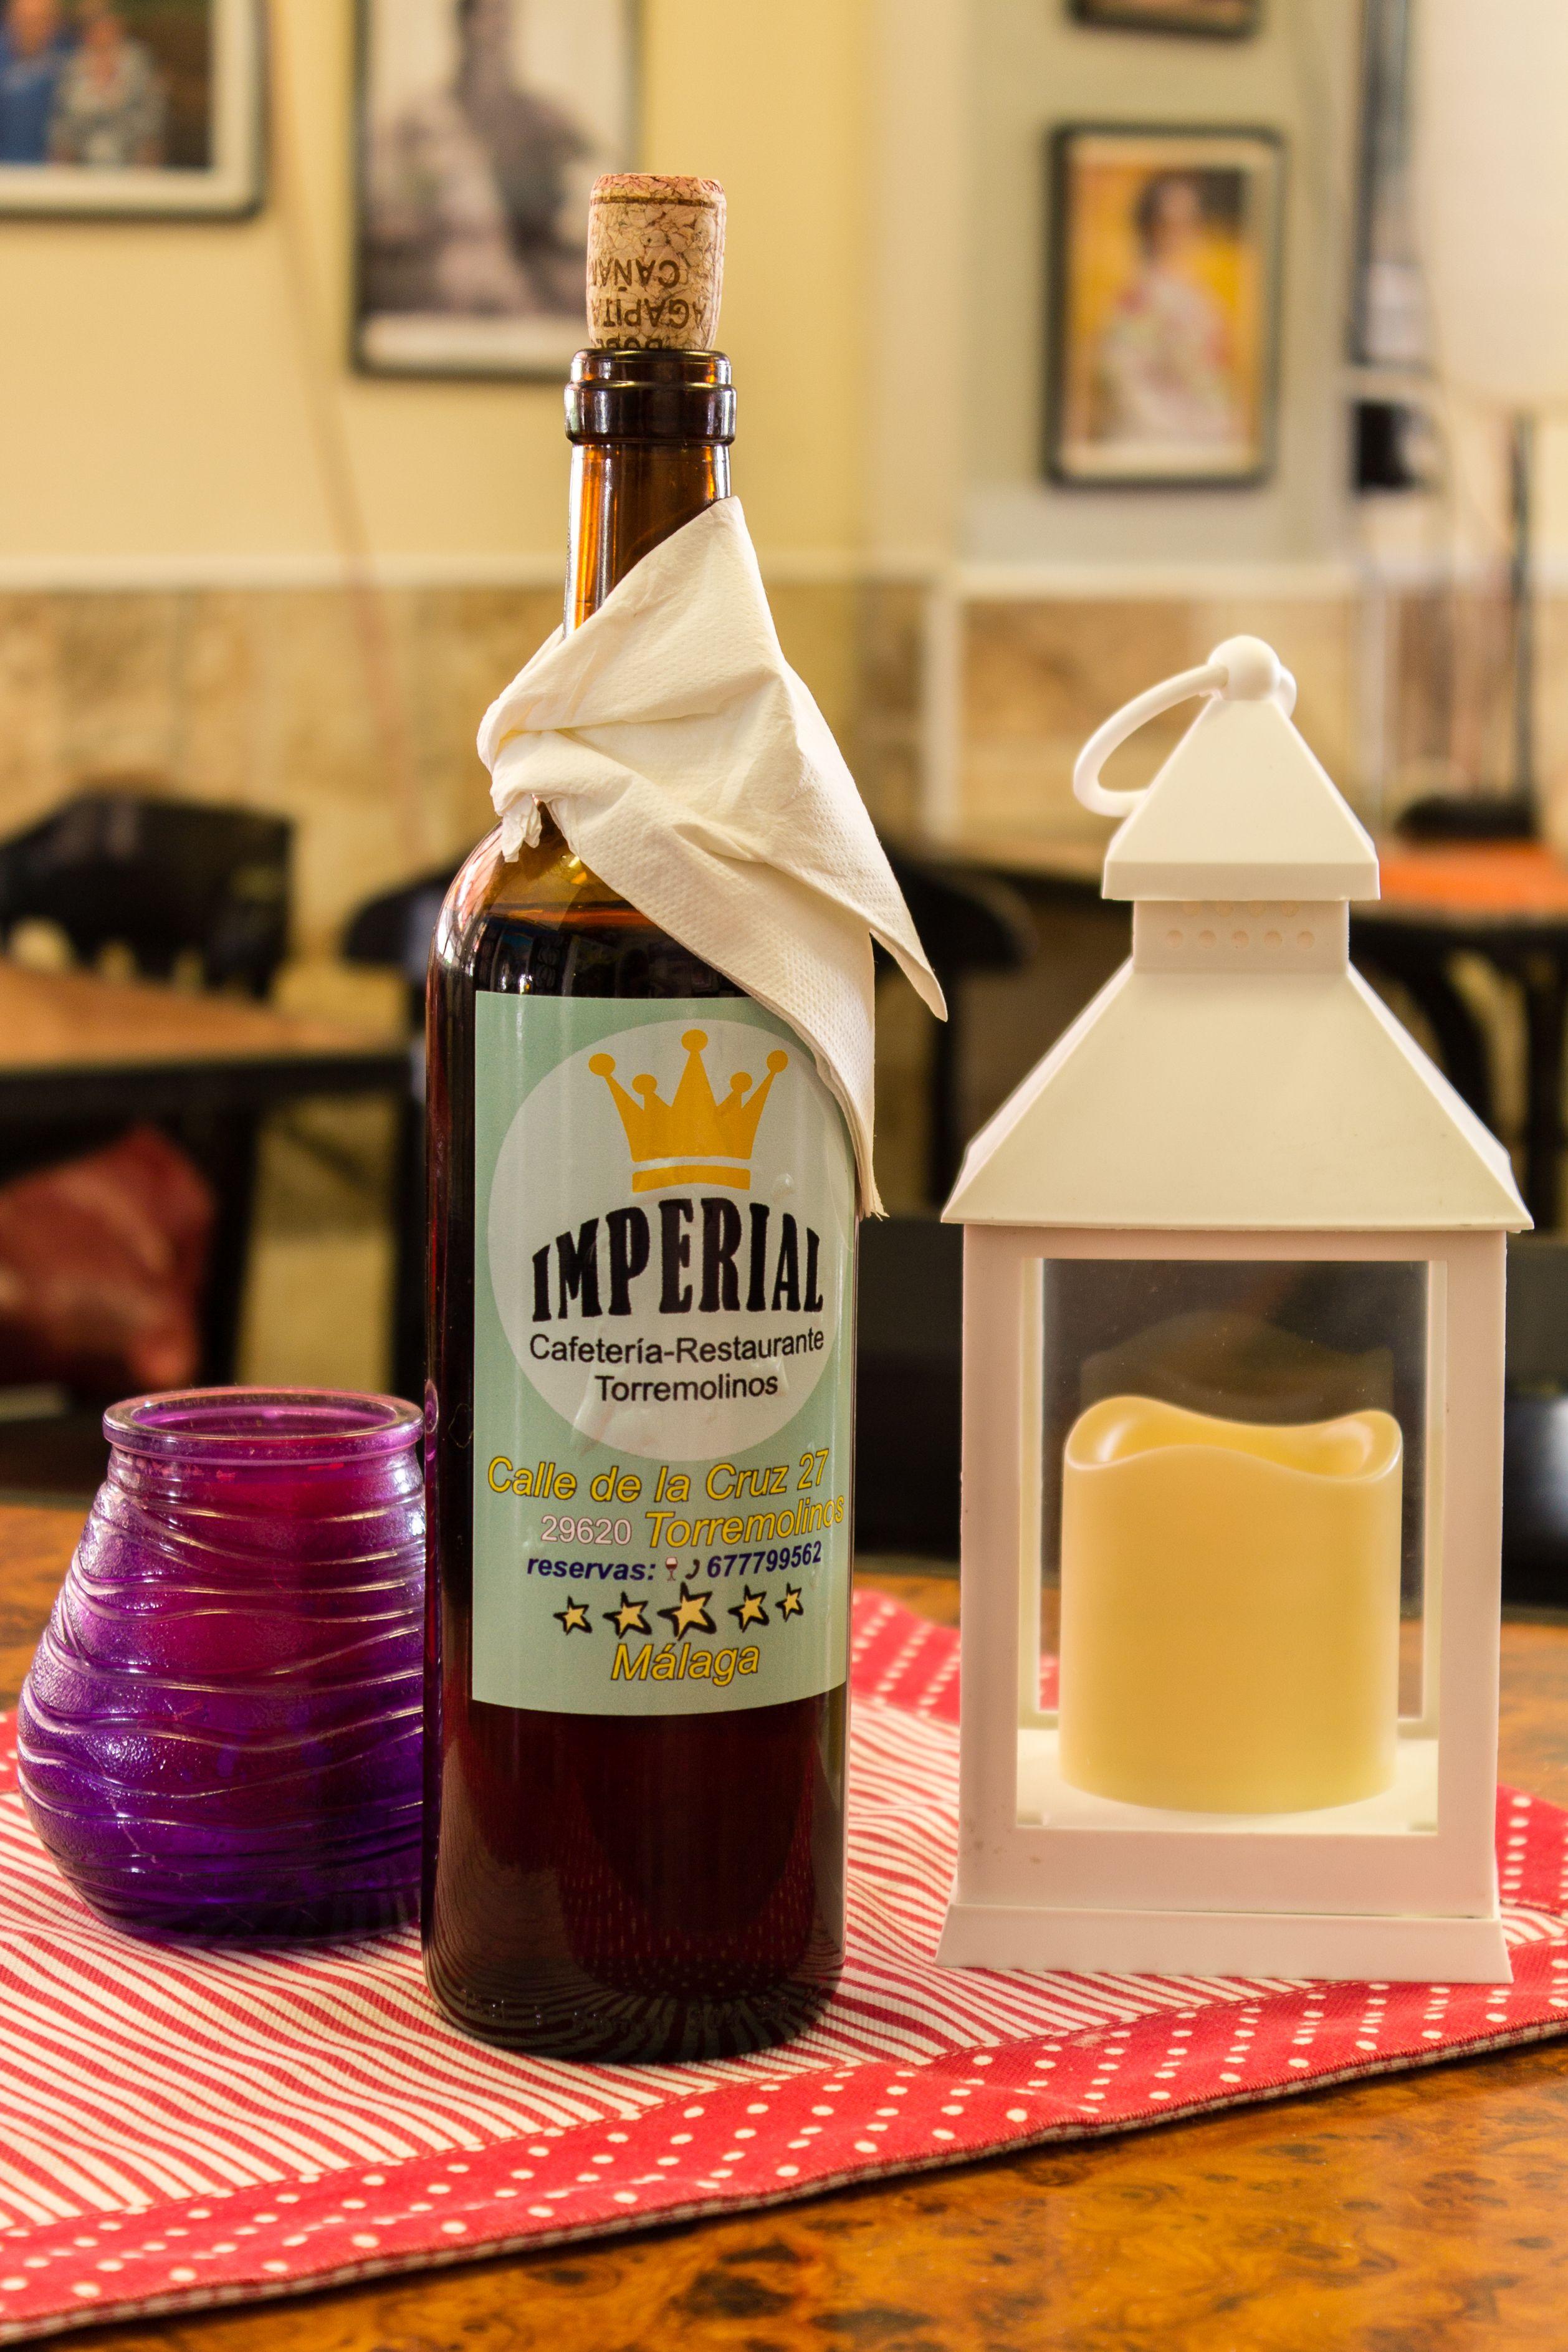 Botella de vino del Restaurante Imperial